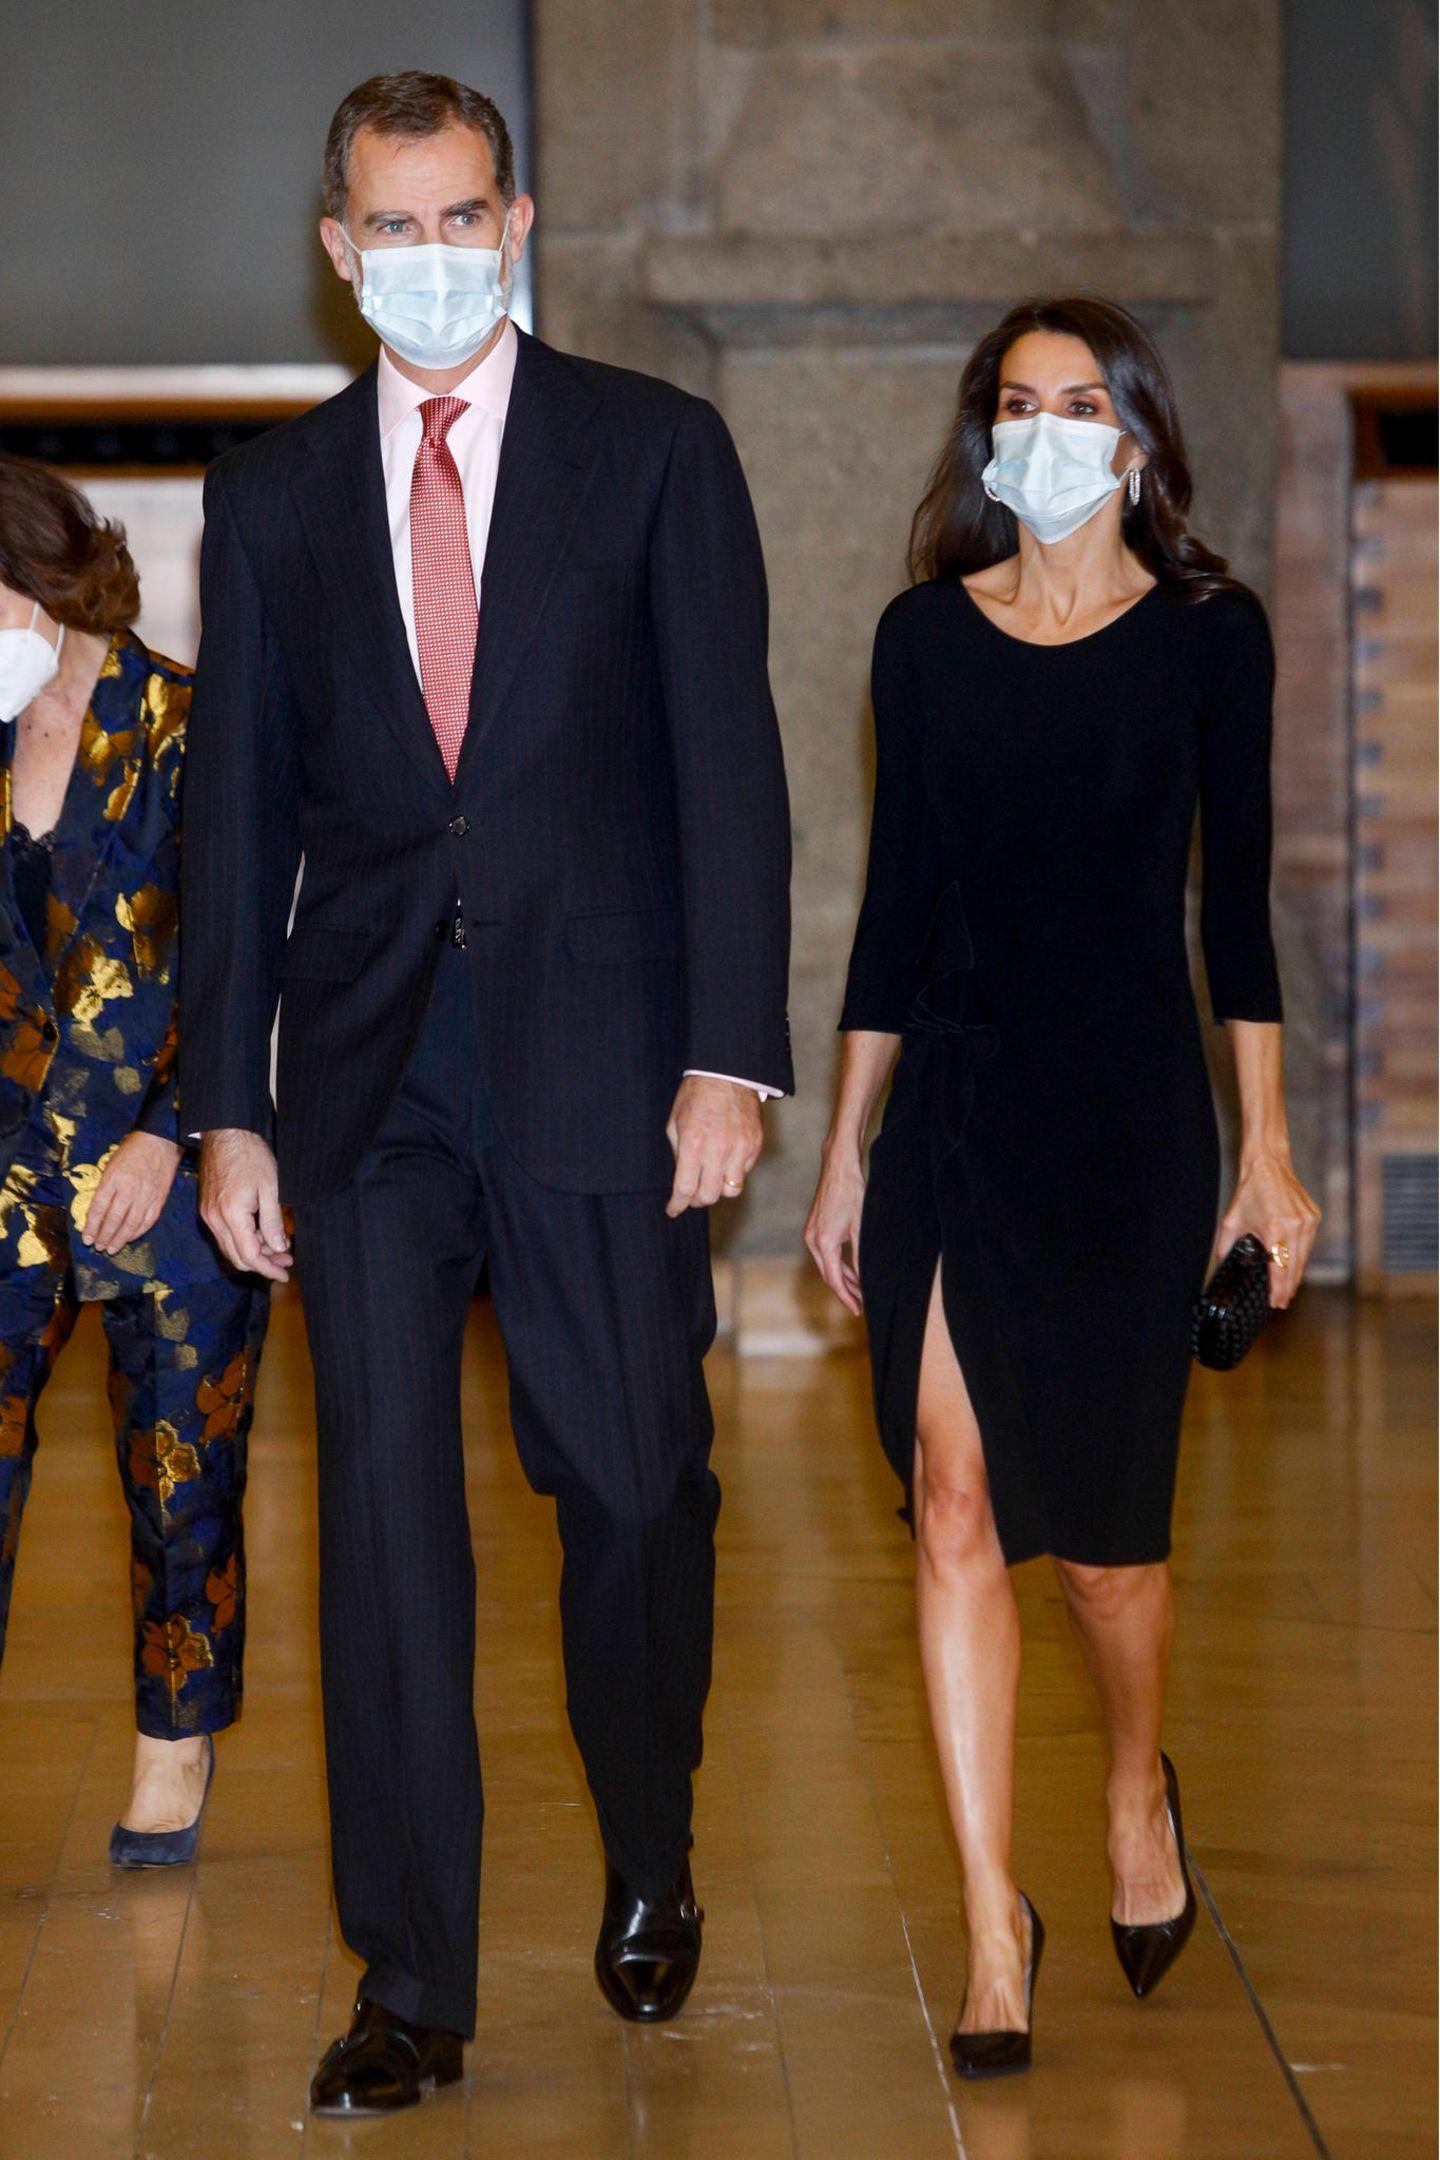 """Königin Letizia setzt auf das """"kleine Schwarze"""". Bei der Verleihung eines Journalistenpreises trägt die stilsicheren Monarchin ein geschlitztes Etuikleid von Emporio Armani, das an der Vorderseite mit einem eleganten Volant versehen ist."""